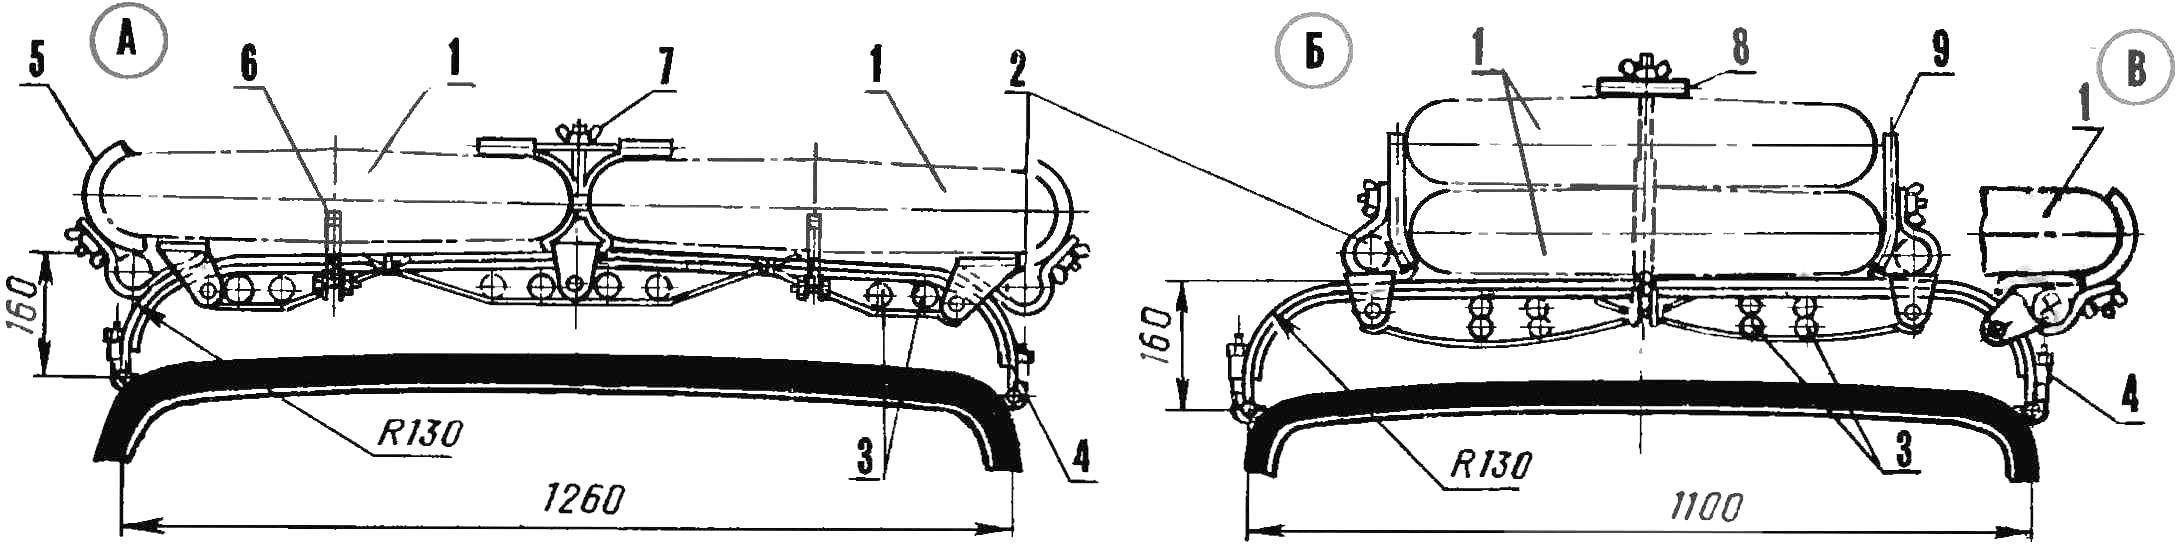 Р и с 2. Универсальный багажник (А — вариант для автомобиля «Жигули»; Б — вариант для автомобиля «Запорожец»; В — вариант для транспортировки двух парусных досок с расположением в один ярус)